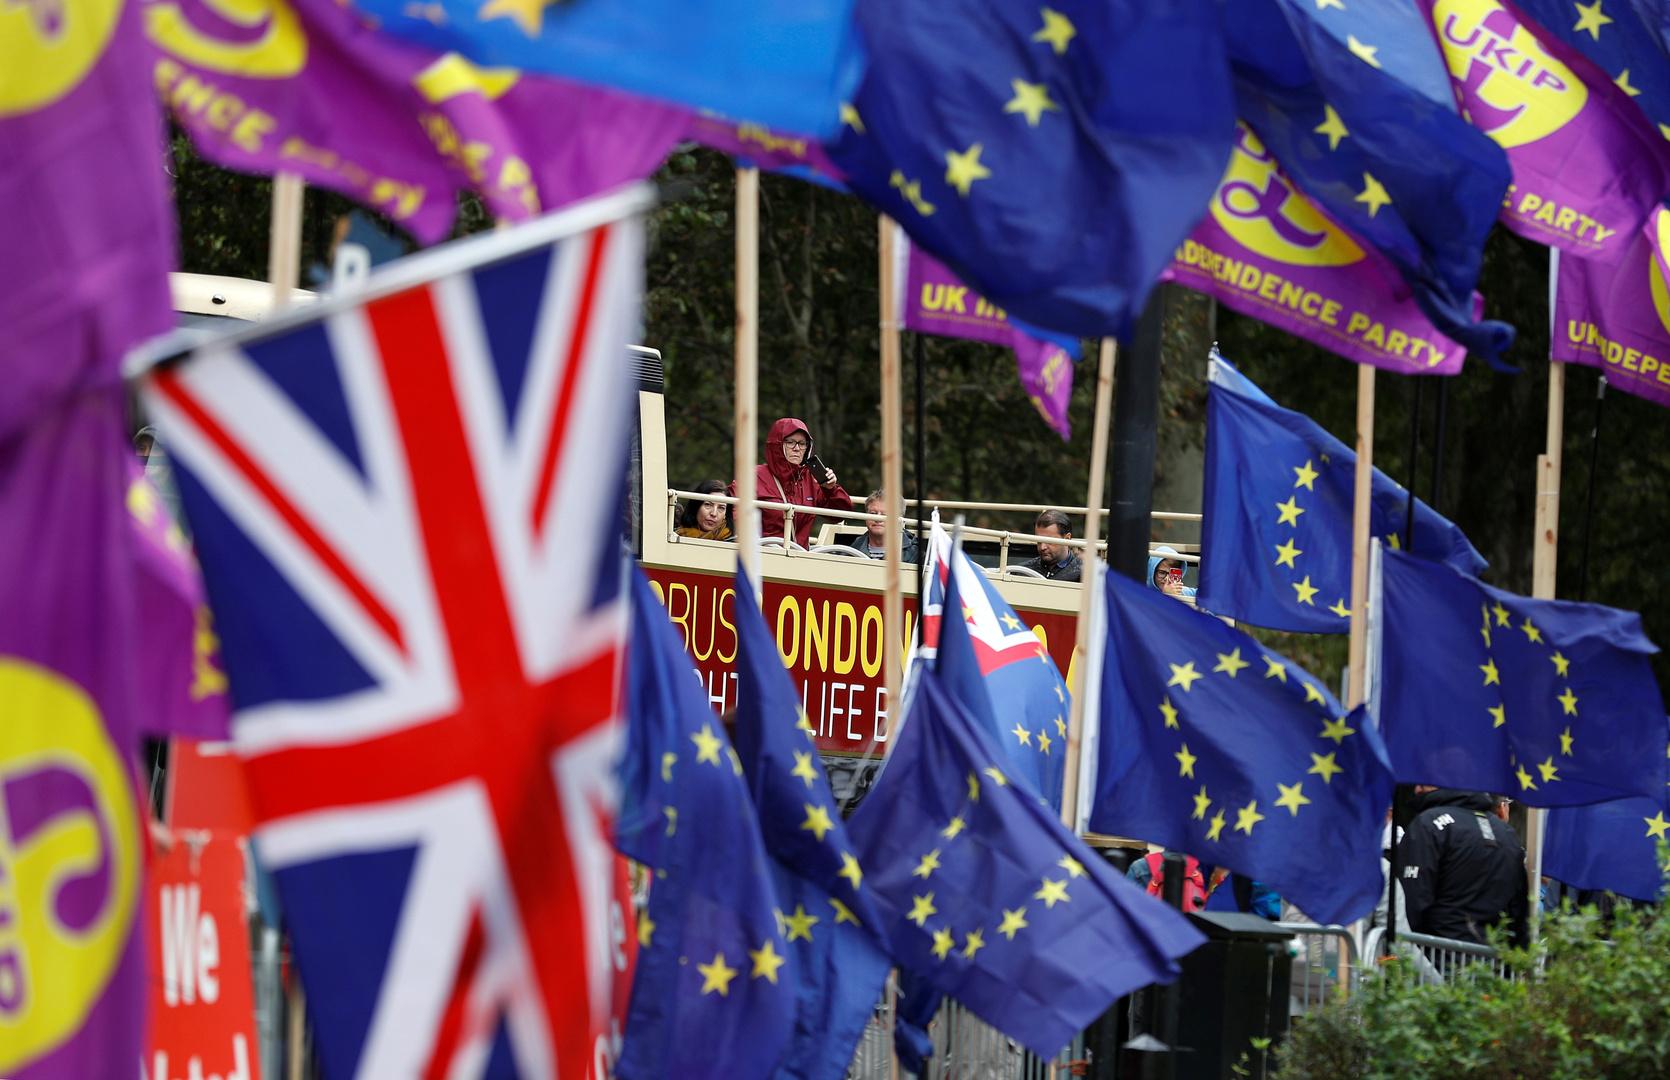 الاتحاد الأوروبي يوقع رسميا اتفاقية للتجارة مع بريطانيا لما بعد